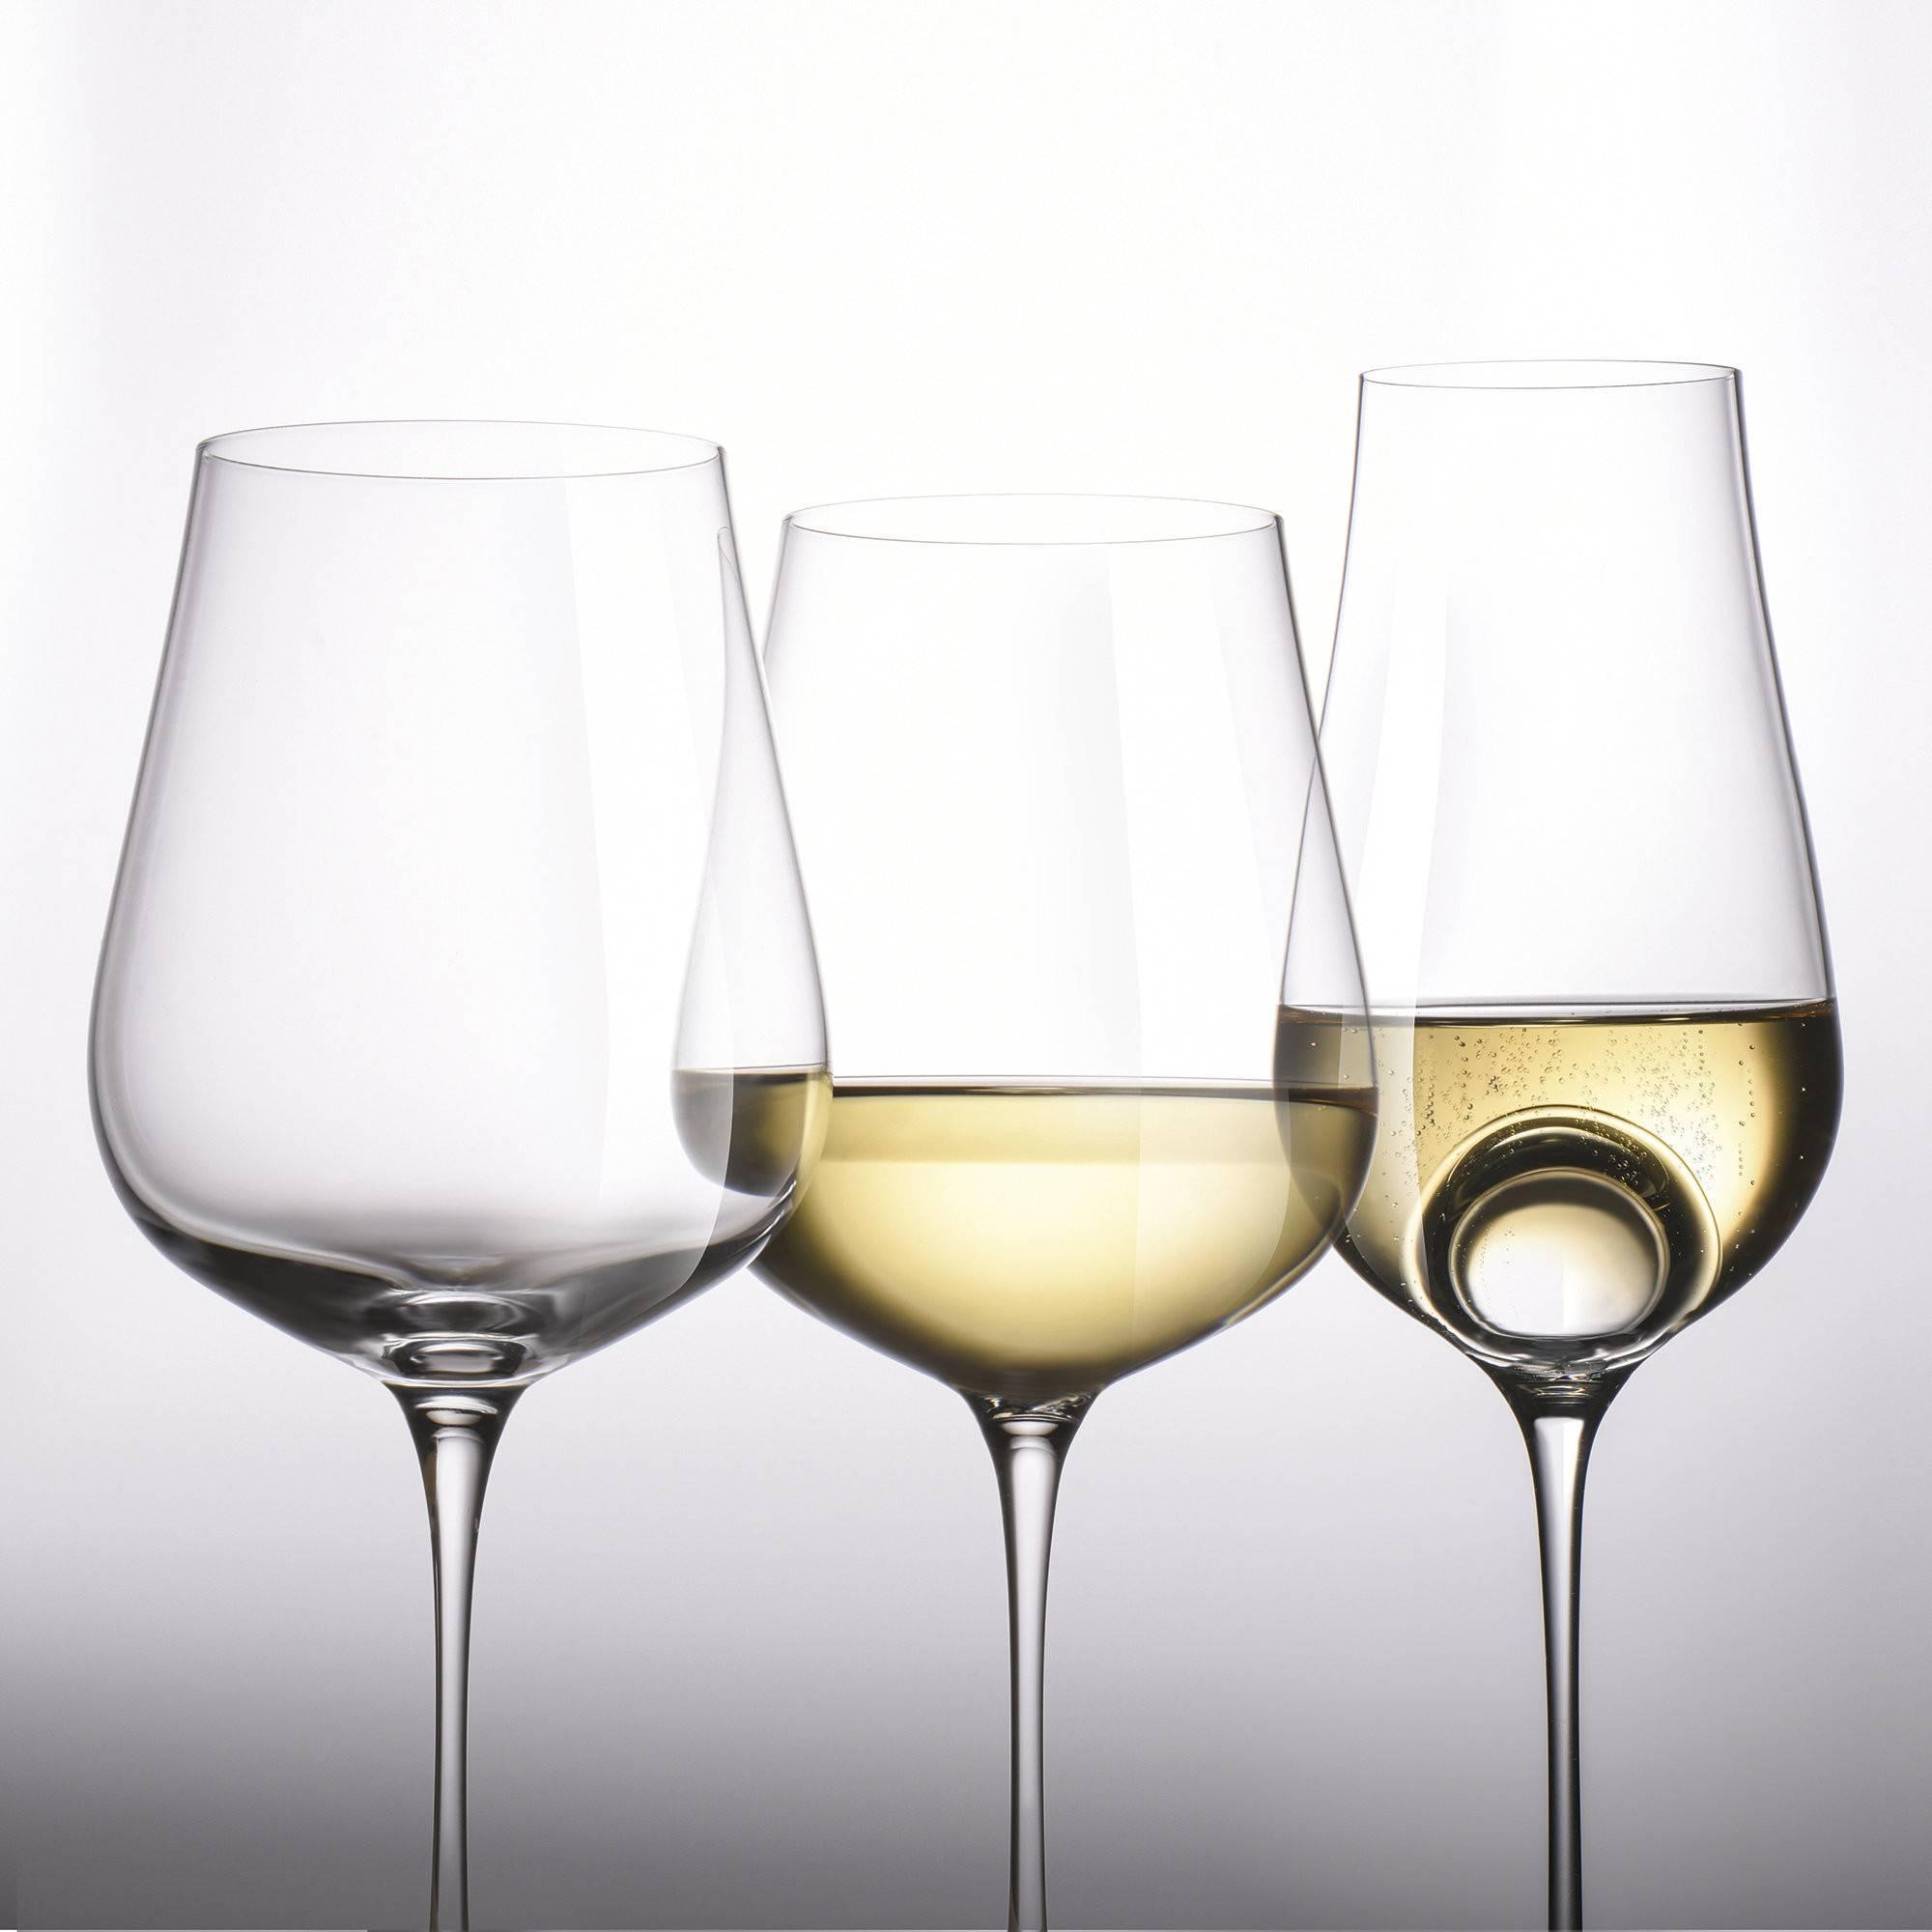 ? как выбрать бокалы для шампанского: виды, формы, материалы, модели, производители, уход